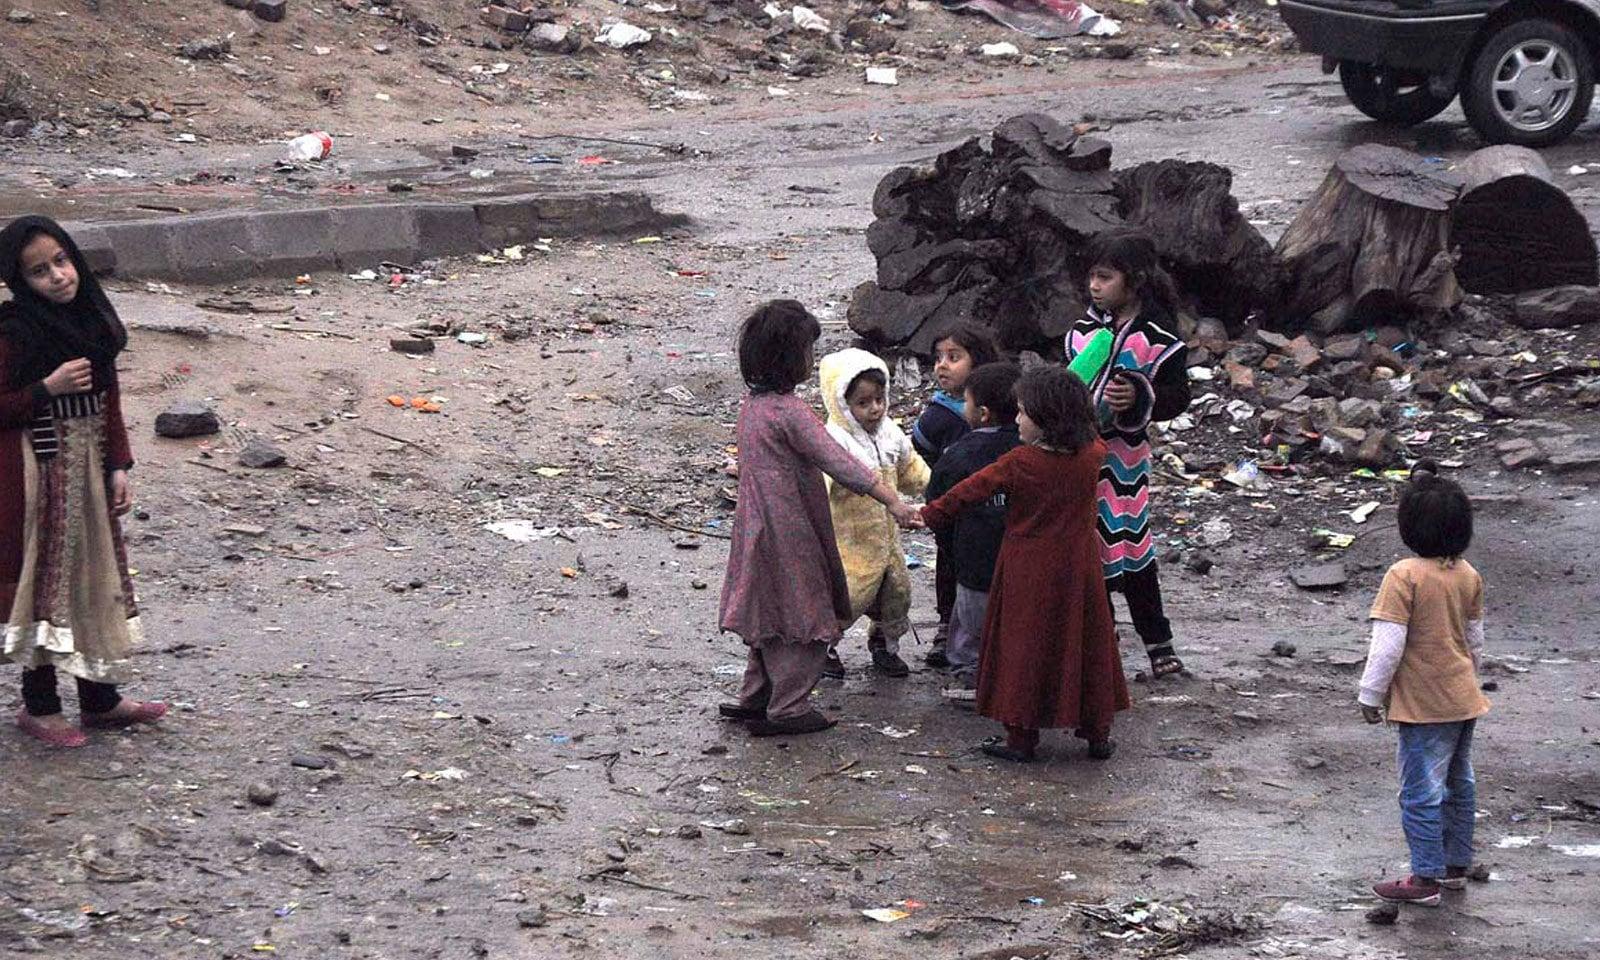 اسلام آباد کے نواحی علاقے میں بچے بارش میں کھیل رہے ہیں — فوٹو: اے پی پی